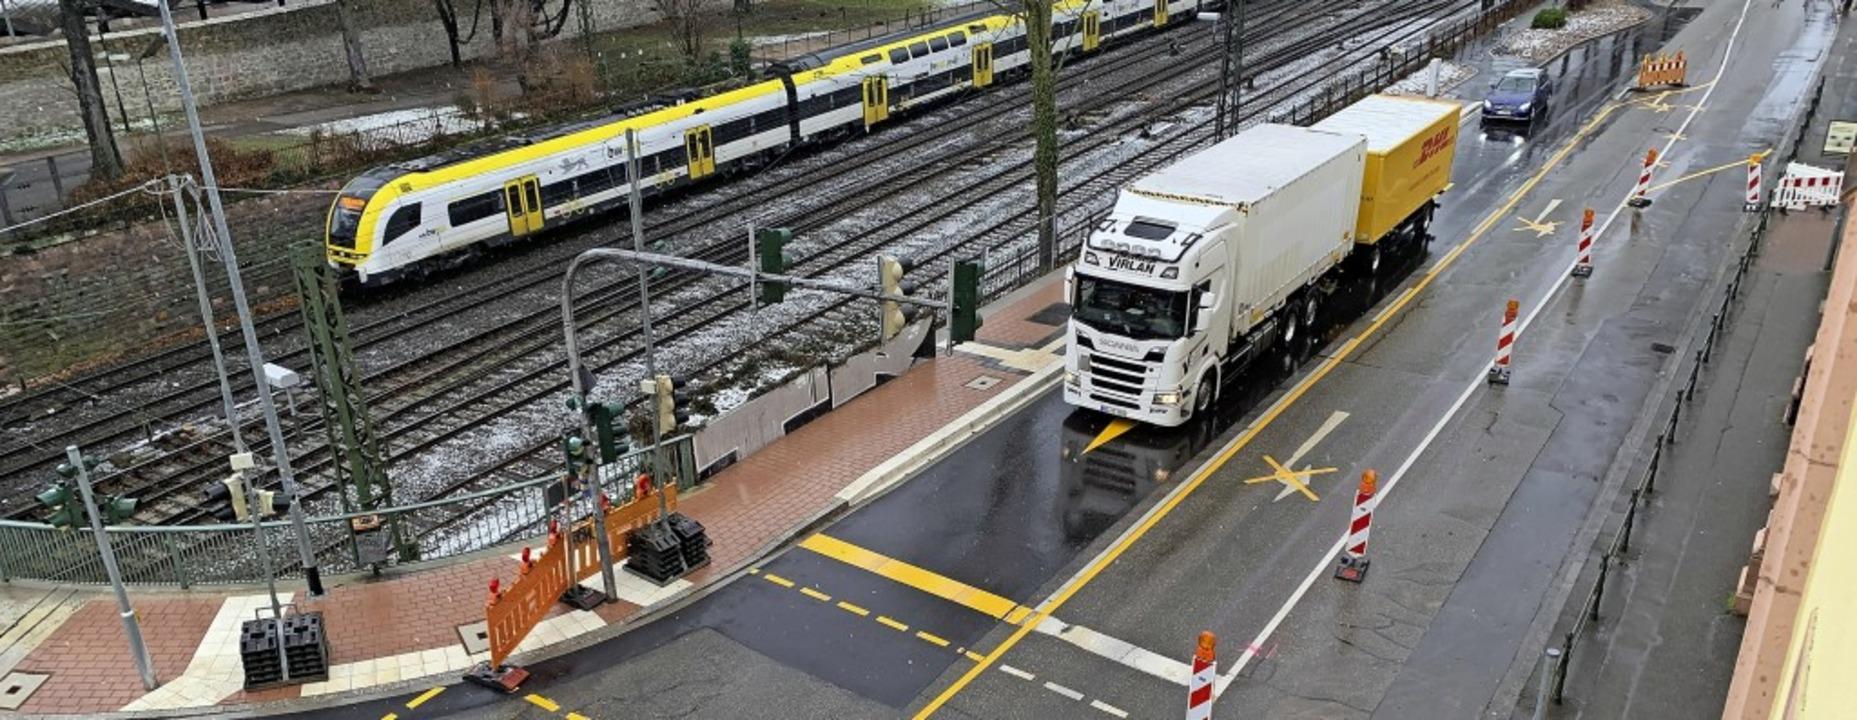 Wo vor der Ampel der Lastwagen wartet,...nnenstadt-Zugang von der Oststadt aus.  | Foto: Helmut Seller